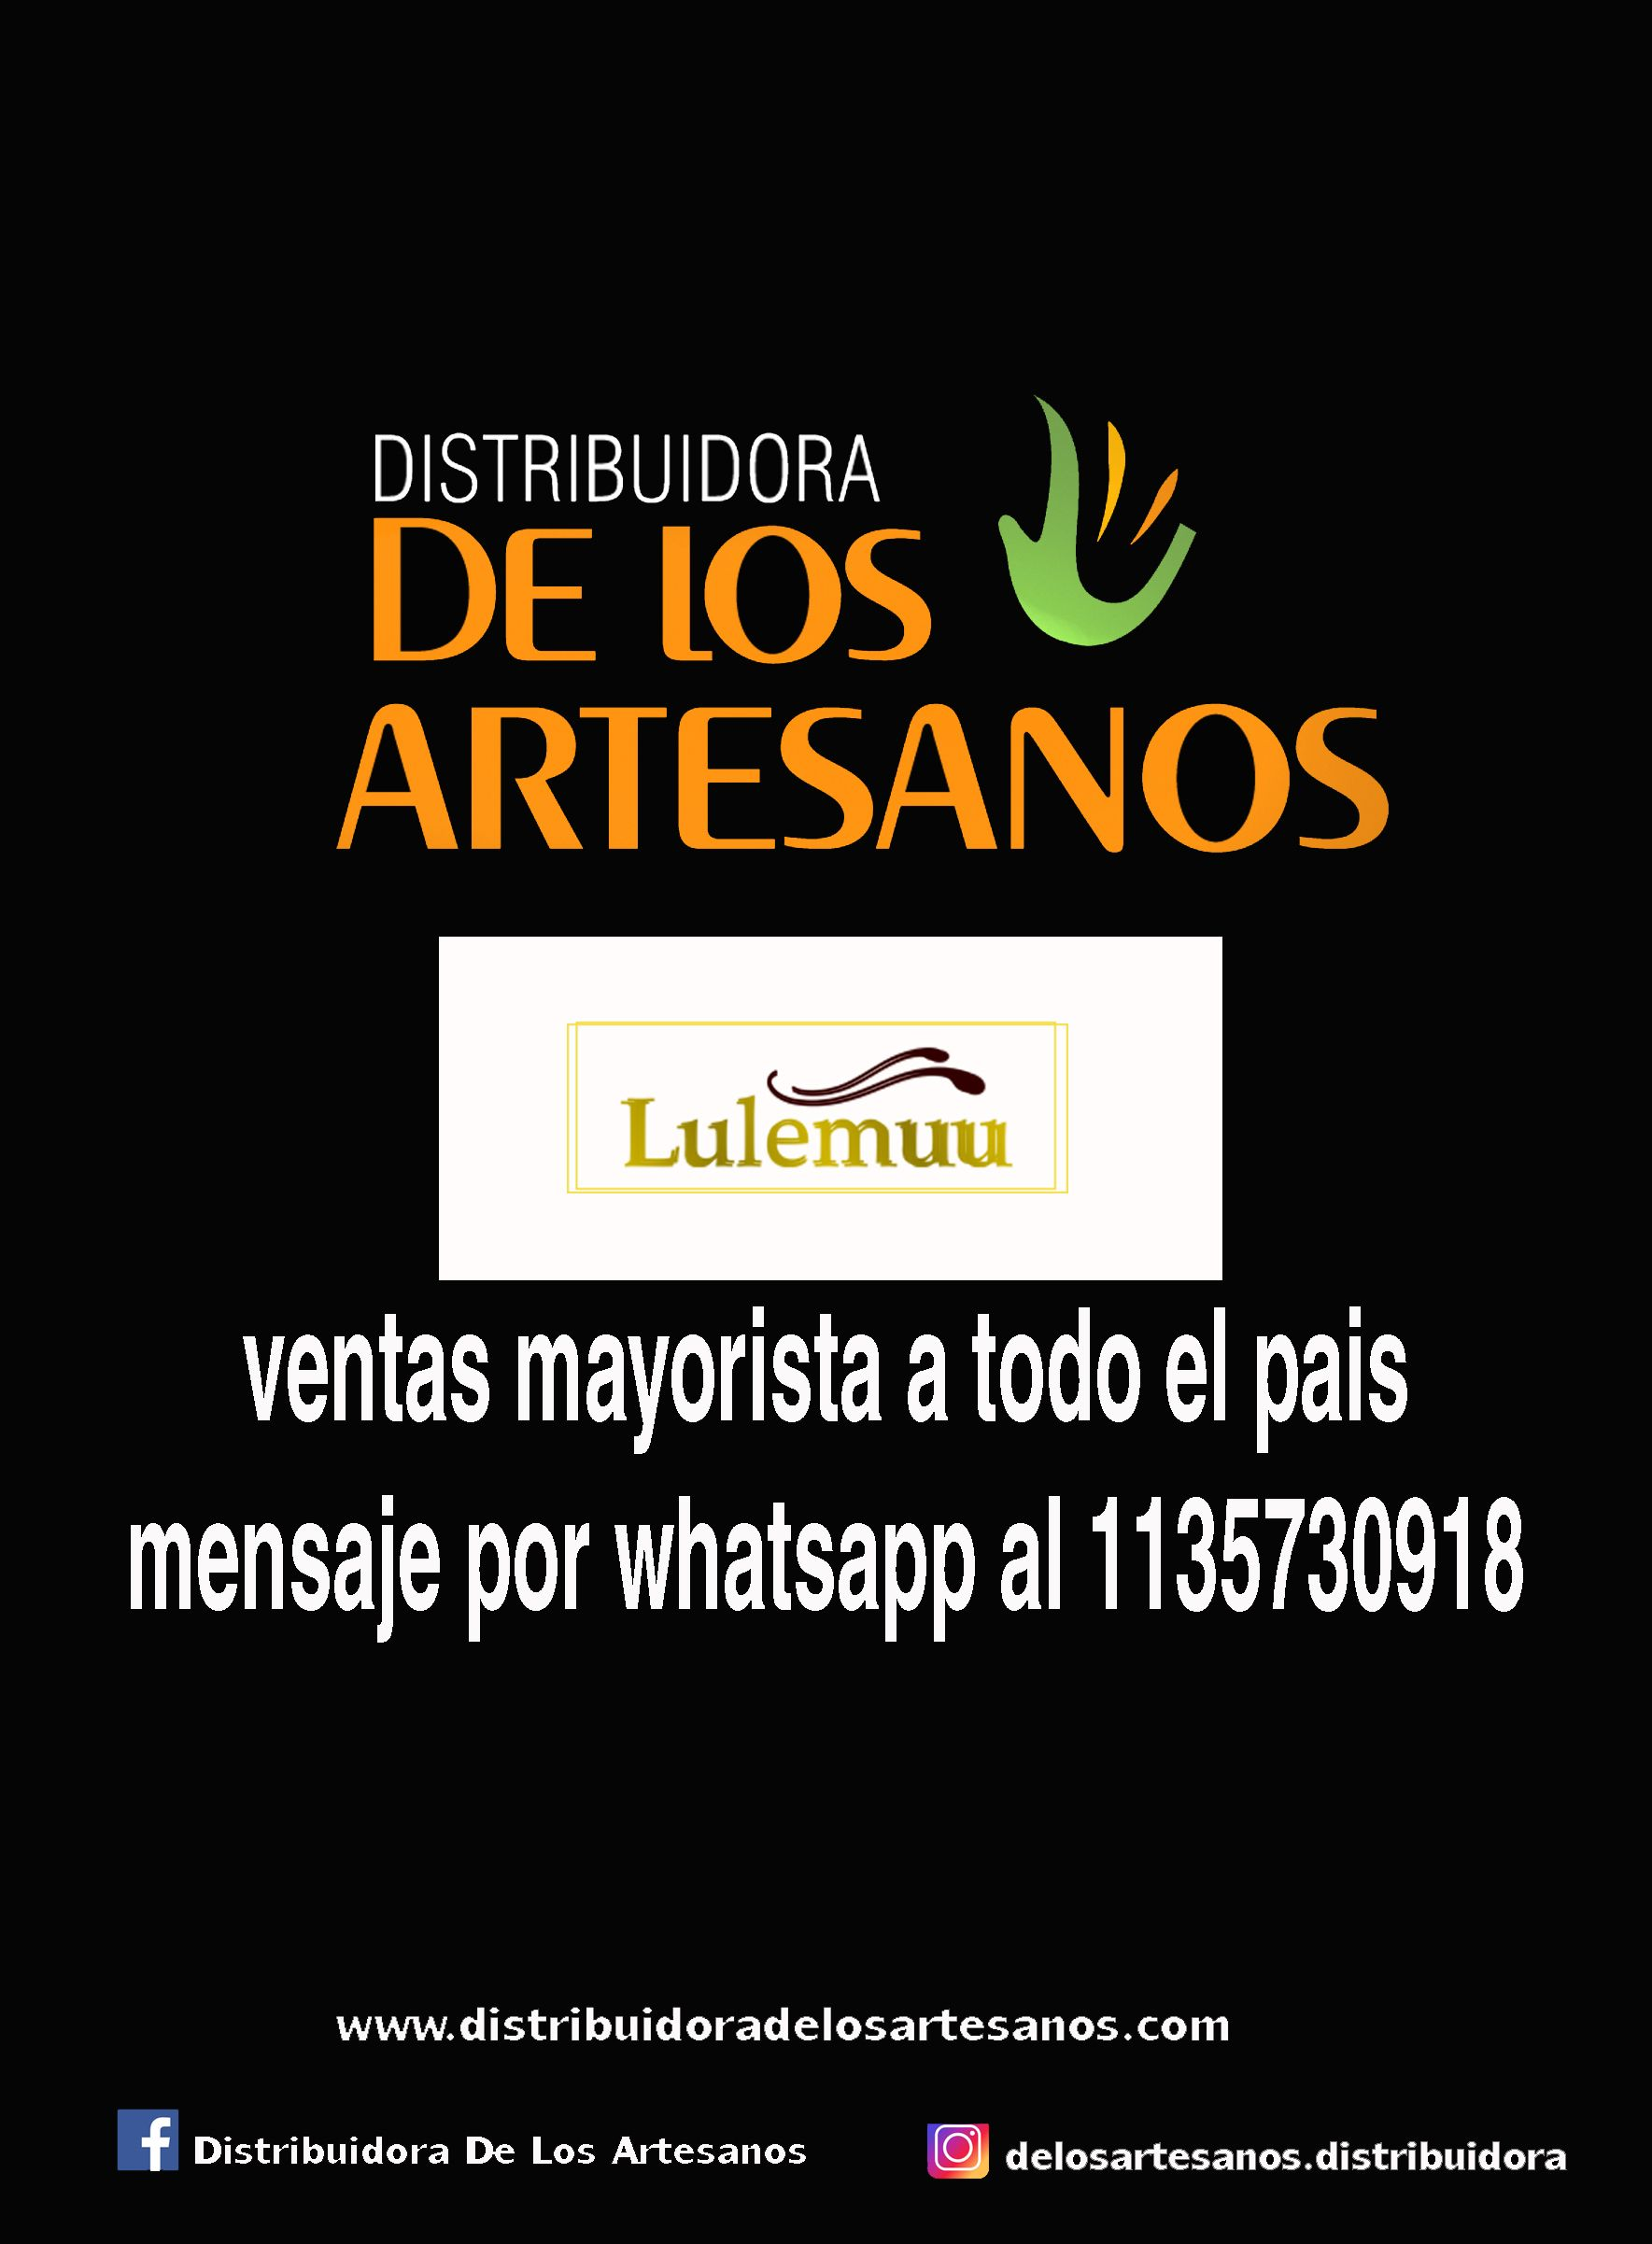 Productos Lulemuu Venta Logistica Y Distribucion De Los Artesanos Ventas Artesanos Tienda Natural Venta Al Por Mayor